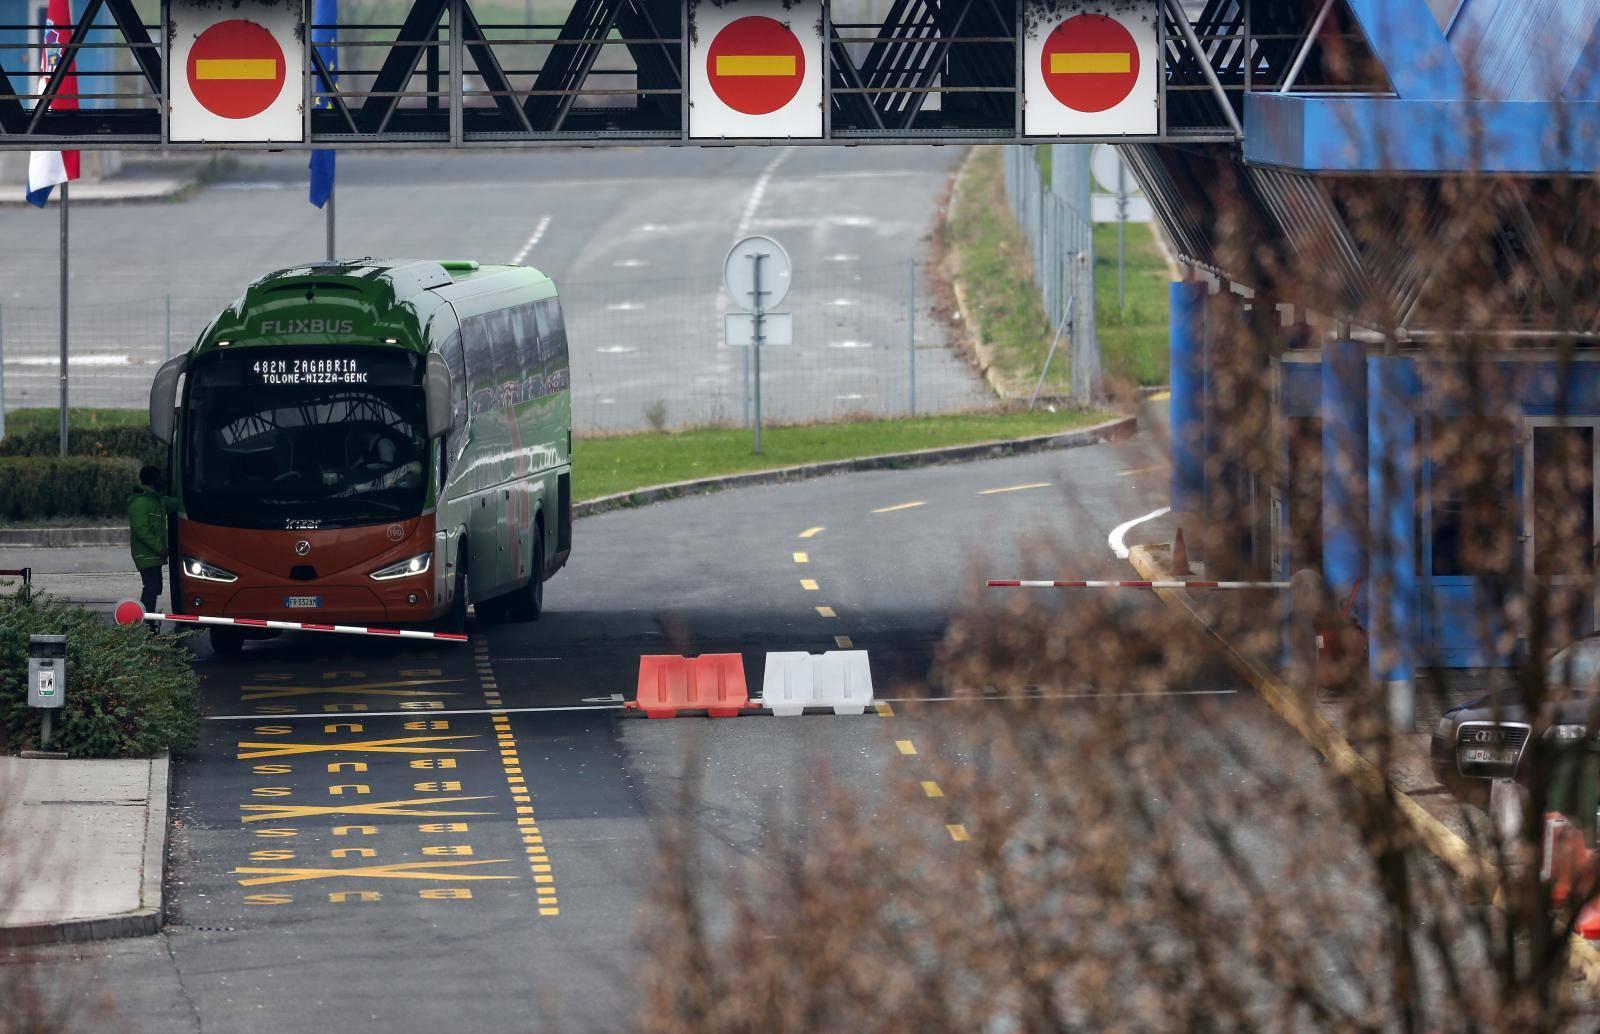 Zatvoren granični prijelaz Bregana bog sumnje na eksplozivnu napravu u autobusu